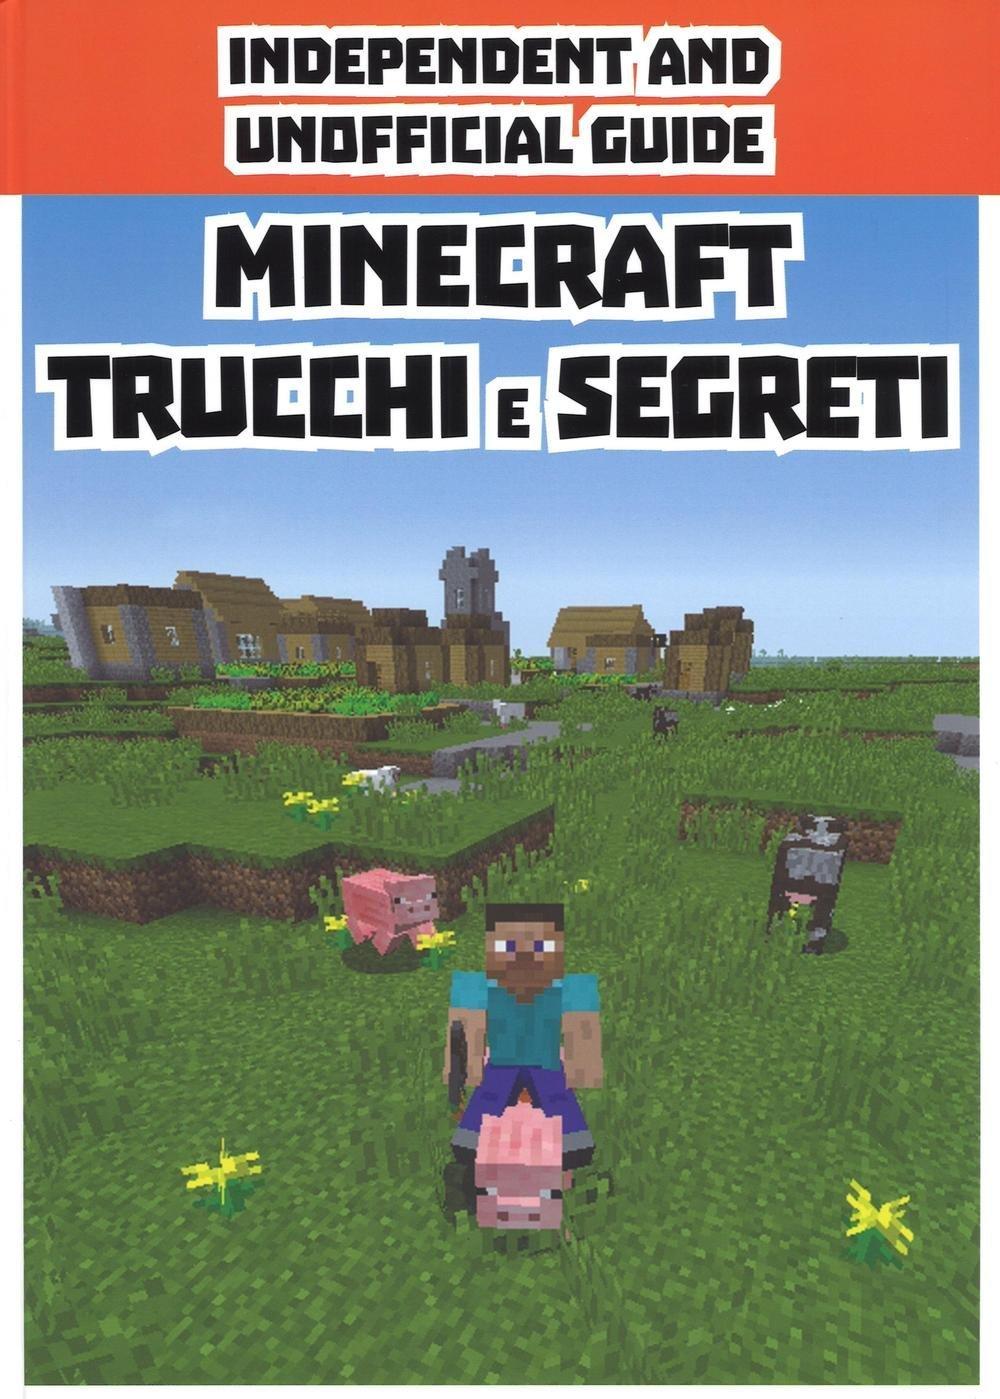 Minecraft trucchi e segreti. Indipendent and unofficial guide Copertina rigida – 9 giu 2016 Aa.Vv. Magazzini Salani 8868219107 Manuali